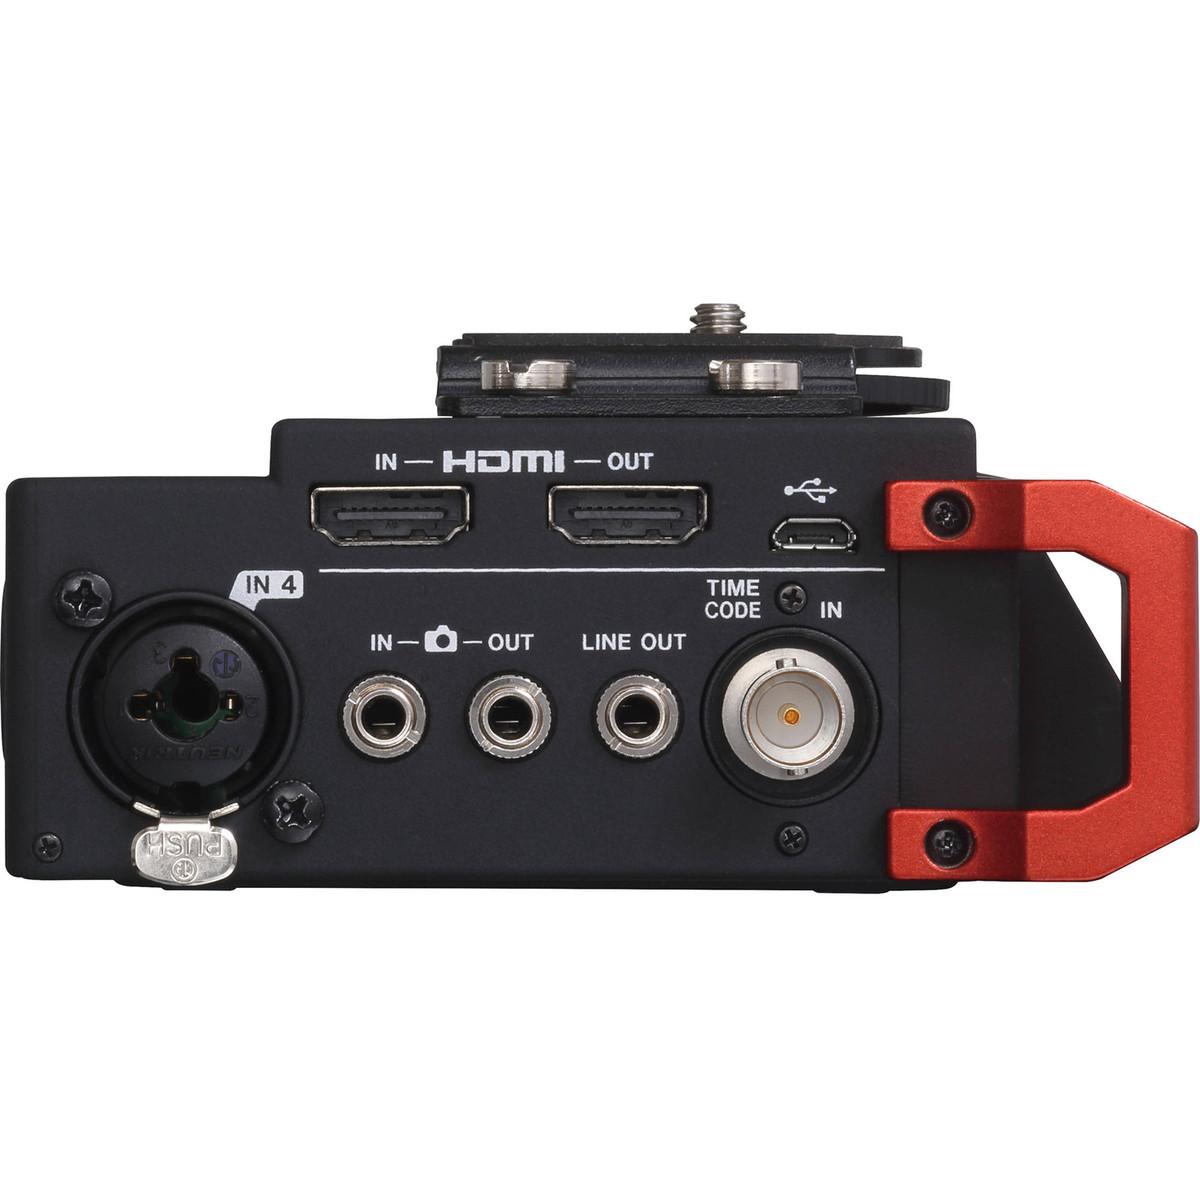 tascam dr701d 6 track recorder for dslr cameras with hdmi at. Black Bedroom Furniture Sets. Home Design Ideas